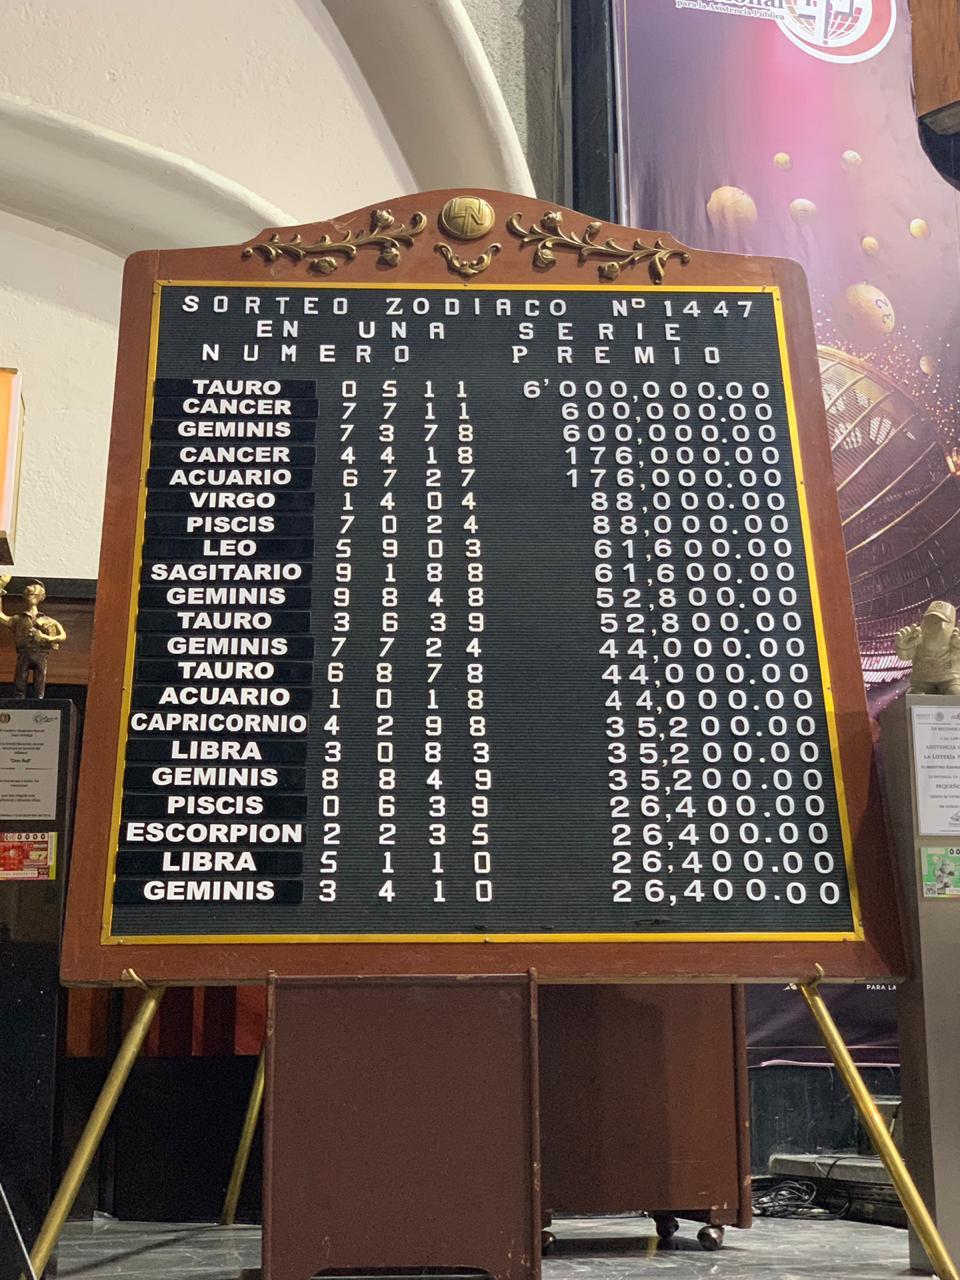 Resultado sorteo zodiaco 1447